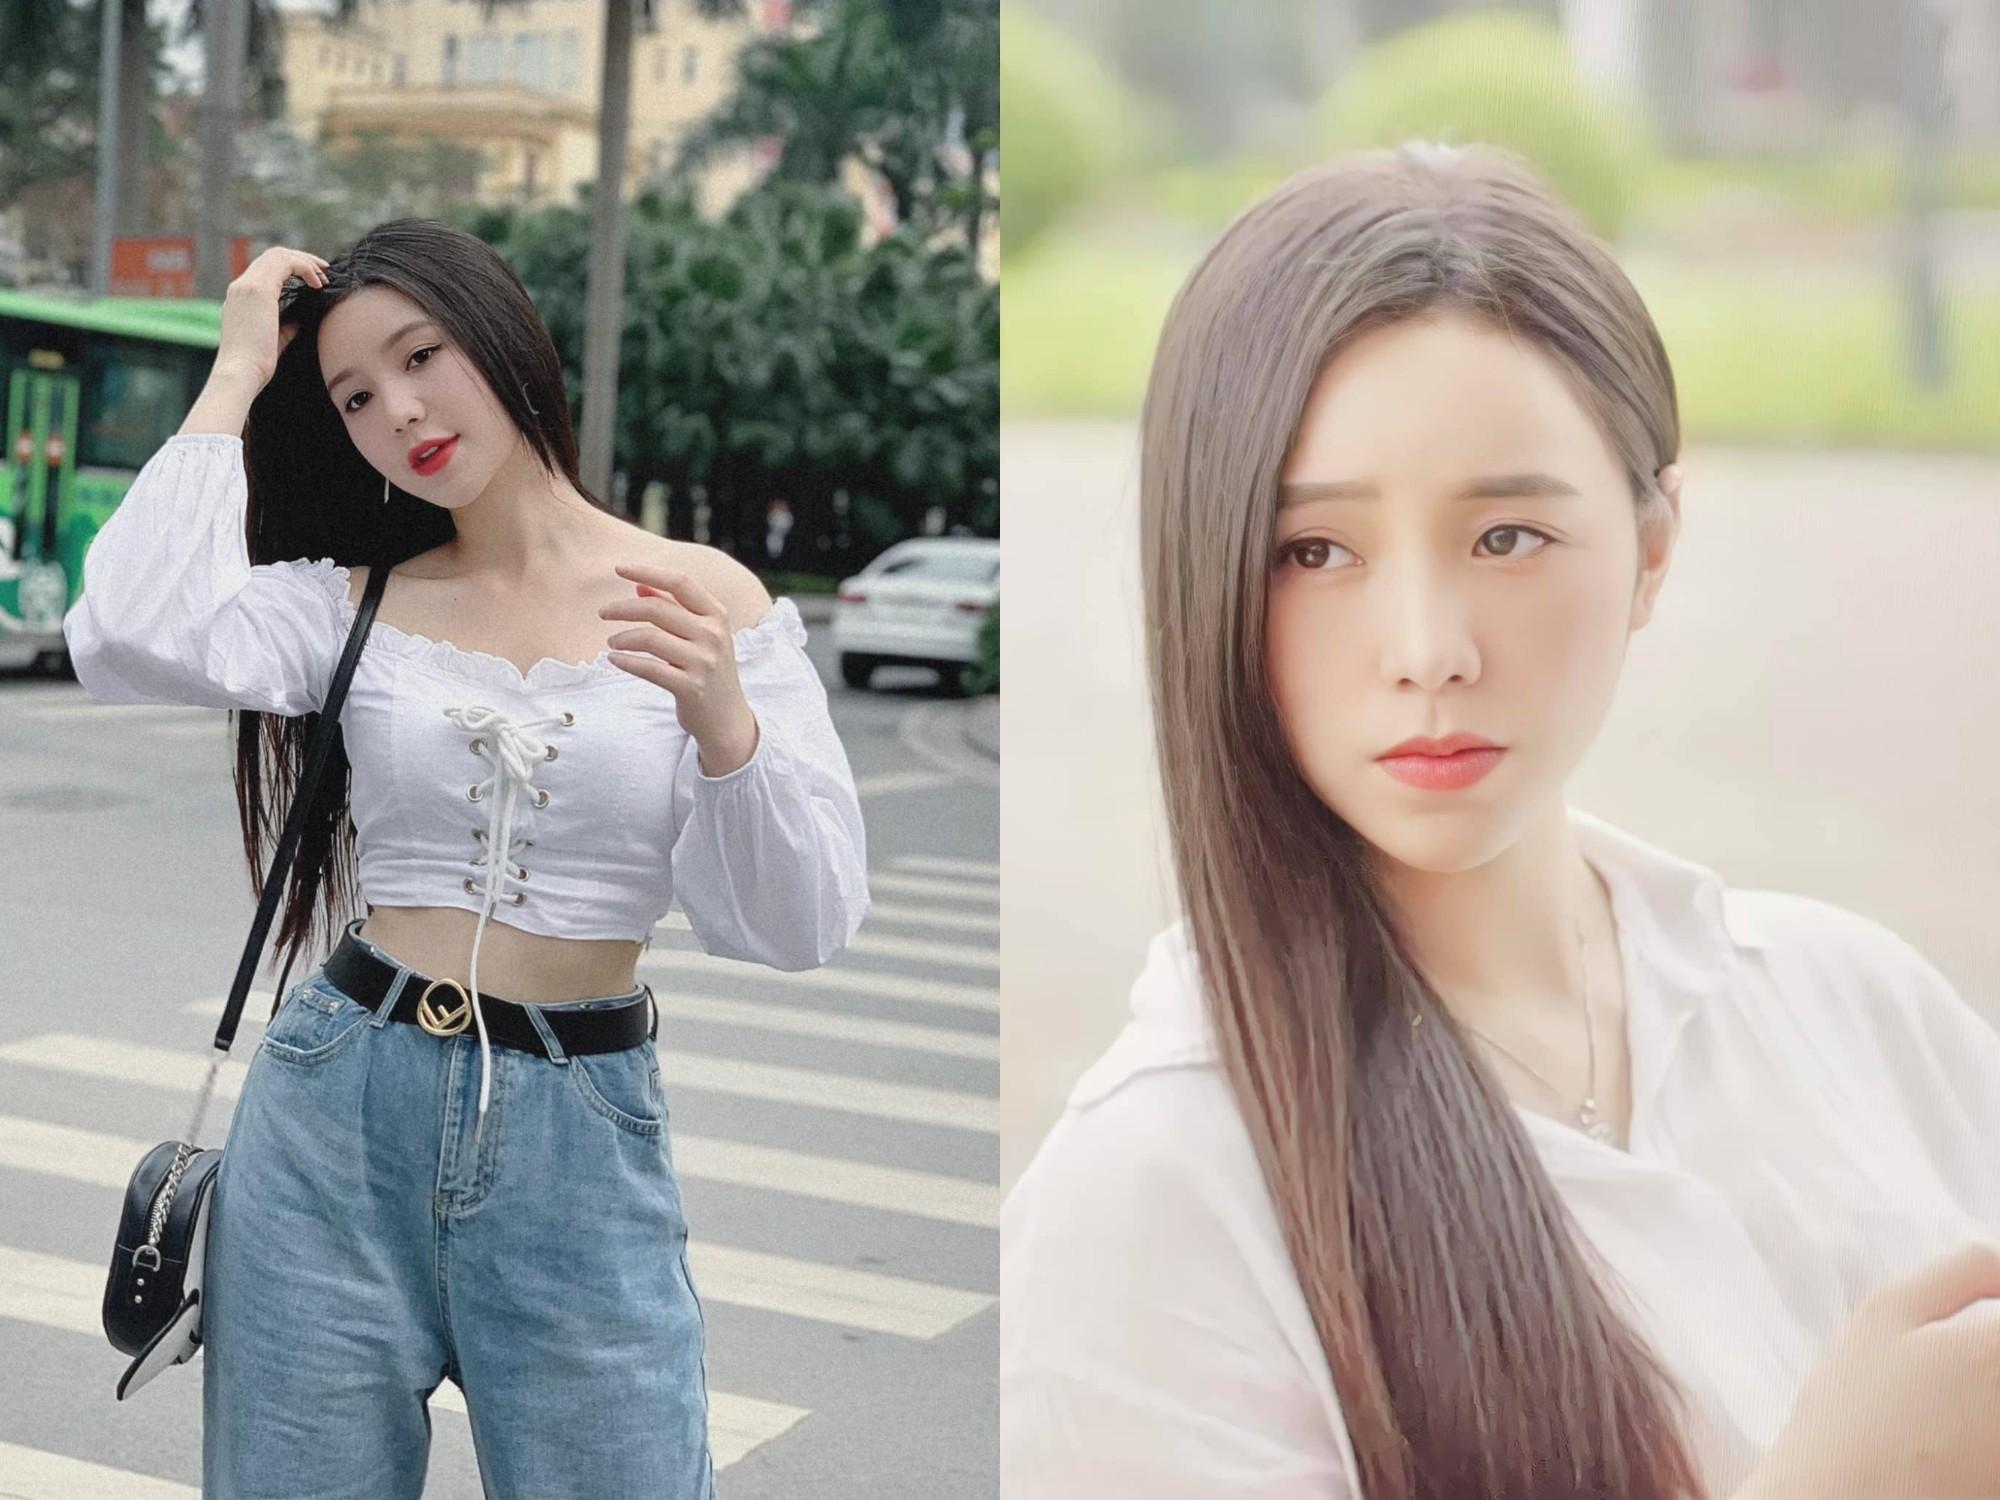 """""""Quỳnh búp bê"""" Phương Oanh, Việt Anh """"gây lú"""" cho khán giả truyền hình vì điều này - 4"""